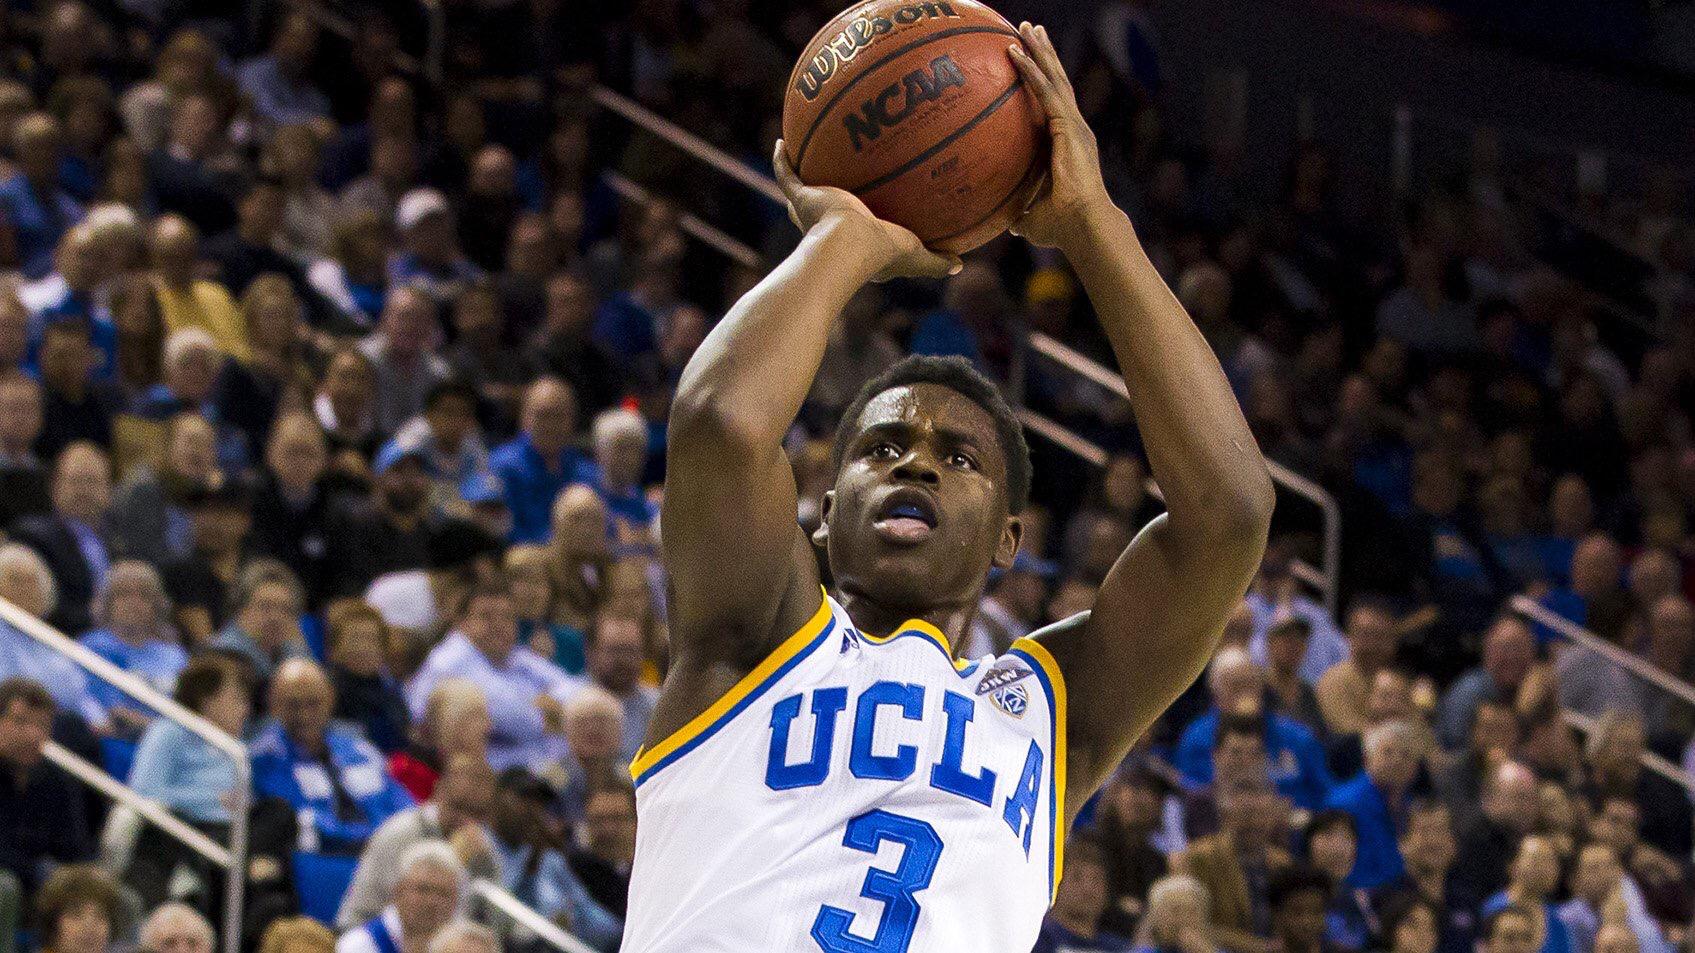 霍勒迪的弟弟NCAA比賽中得到15分11個助攻